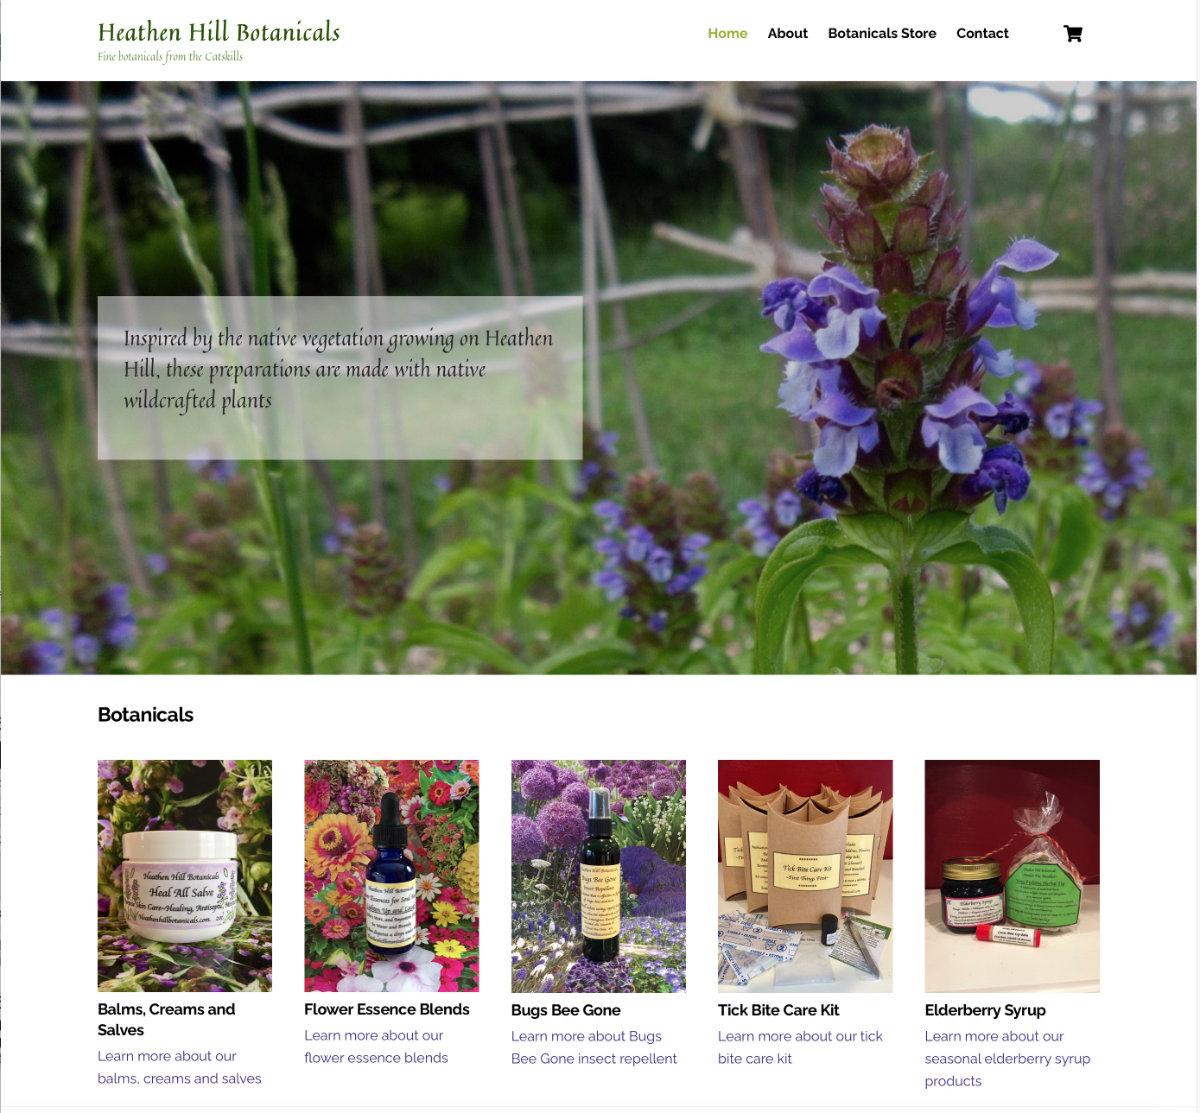 A website for selling botanical products.  Visit website heathenhillbotanicals.com